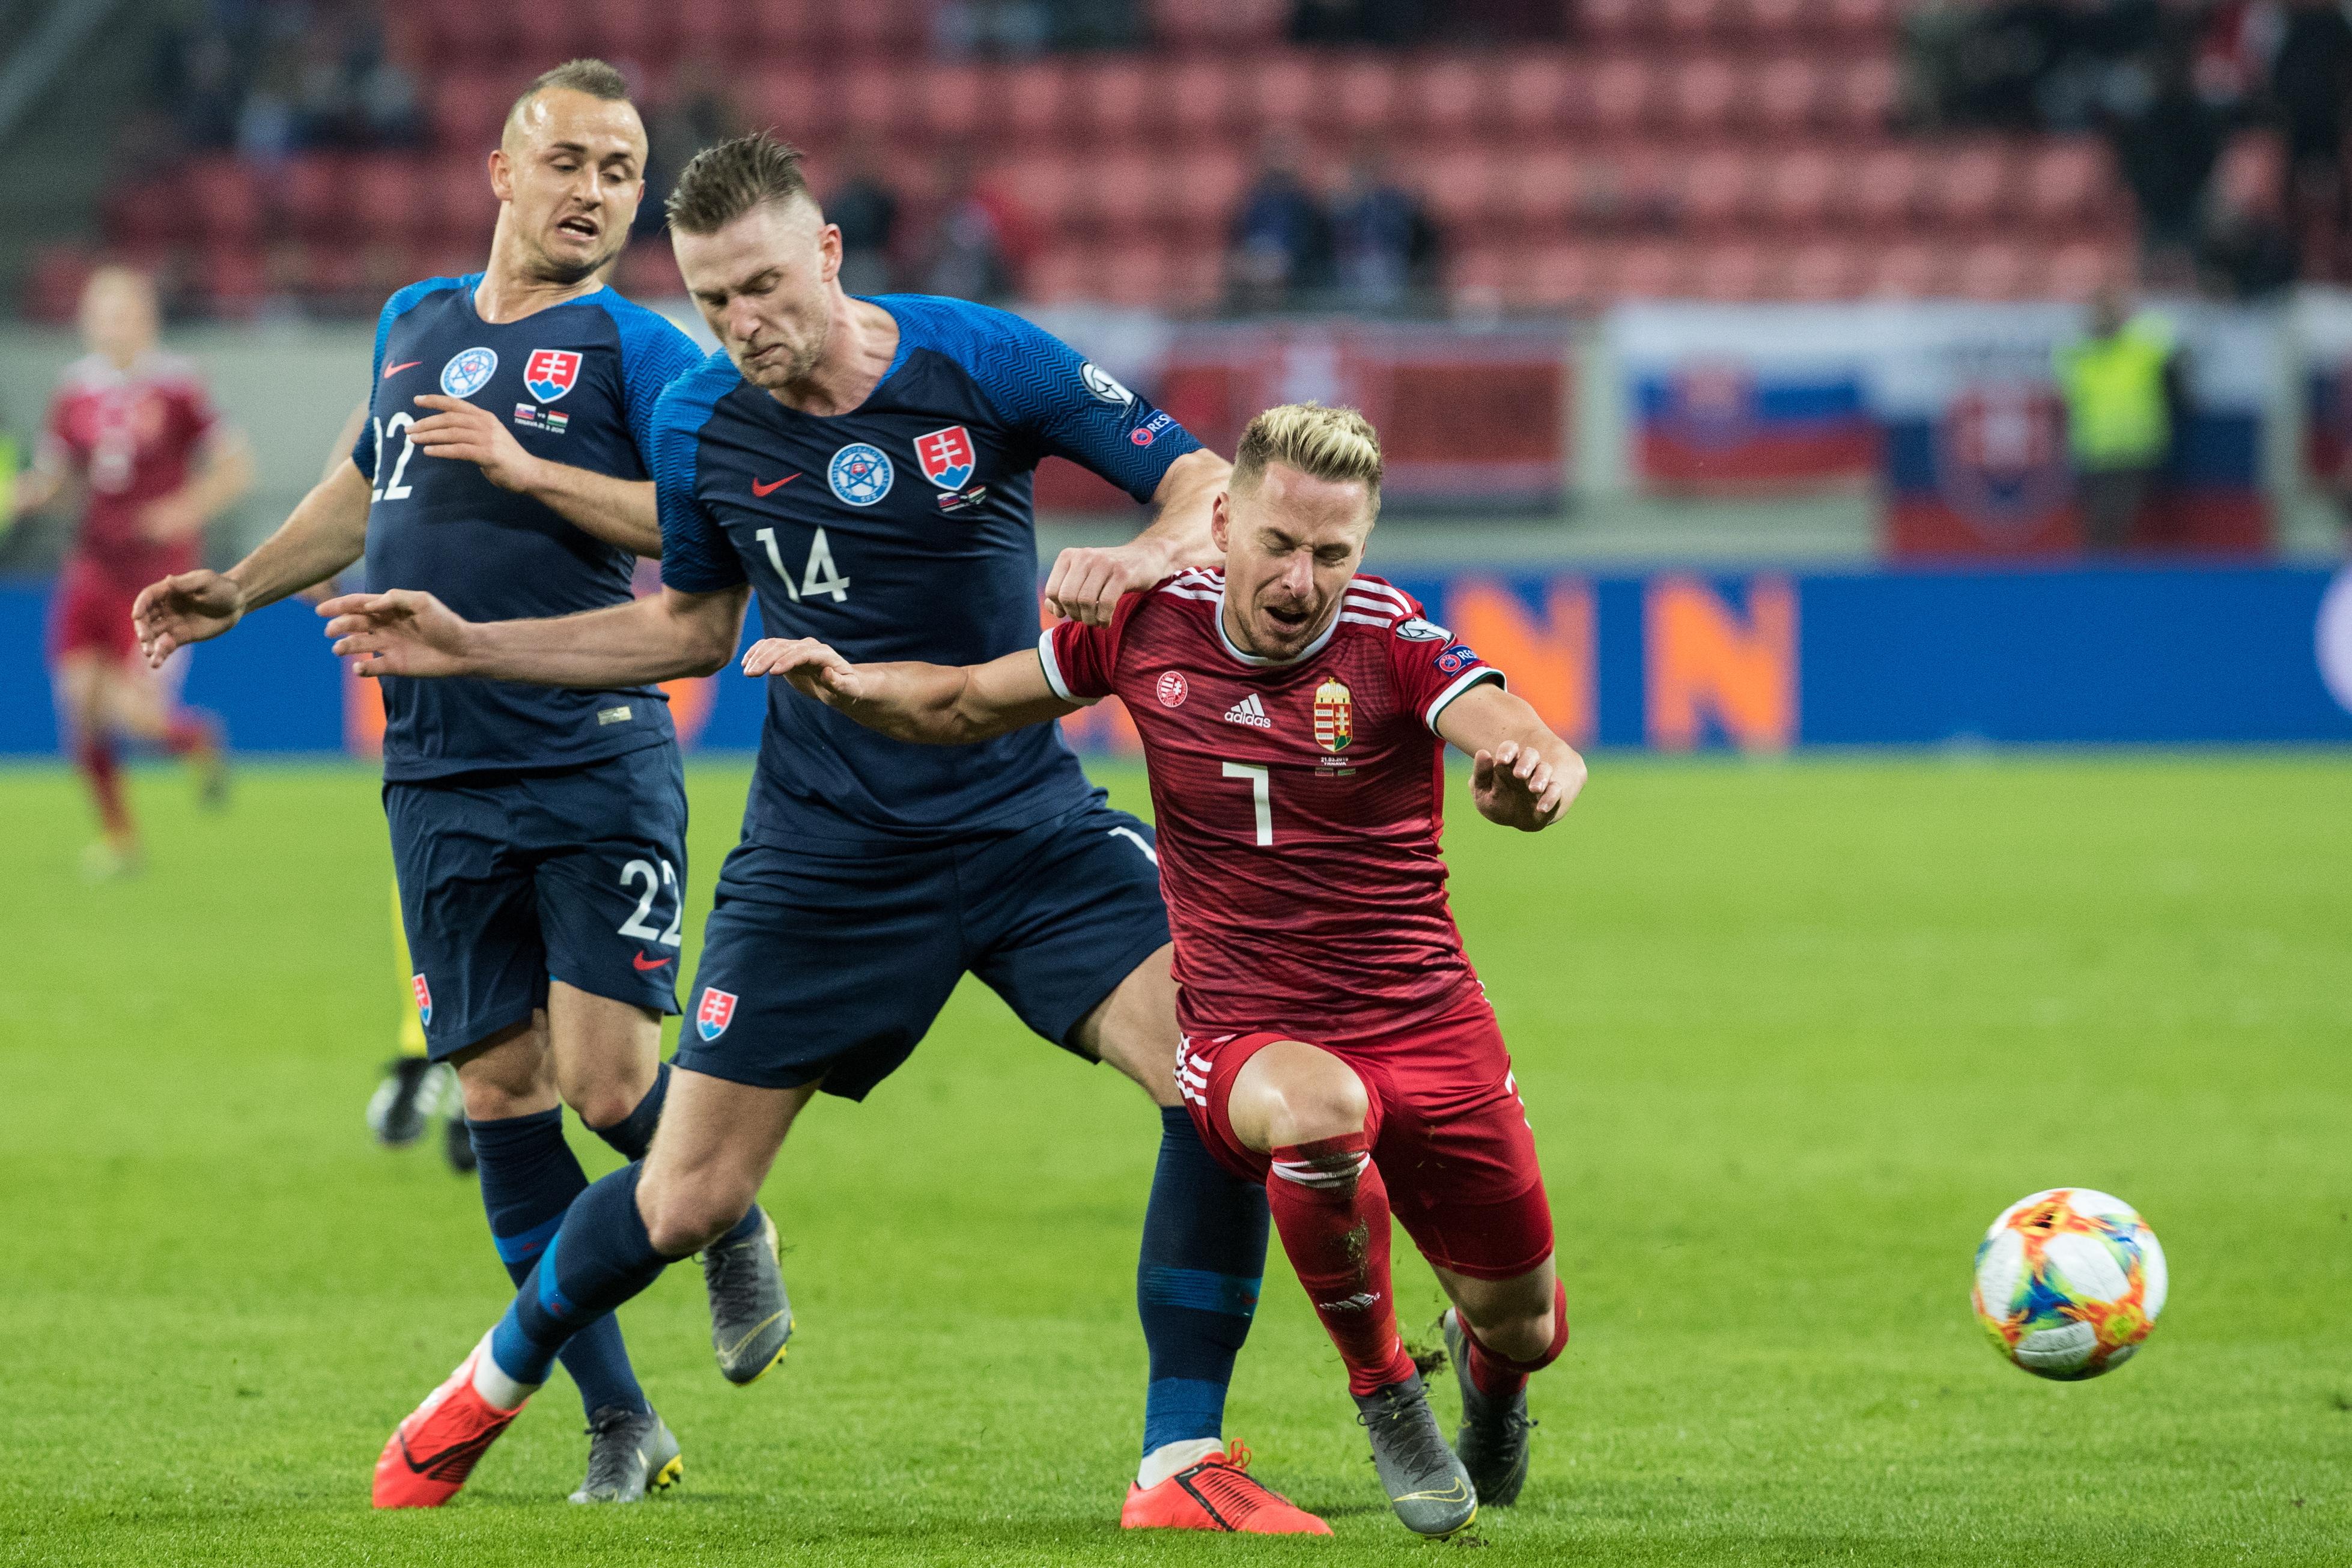 足球——欧锦赛预选赛:斯洛伐克胜匈牙利